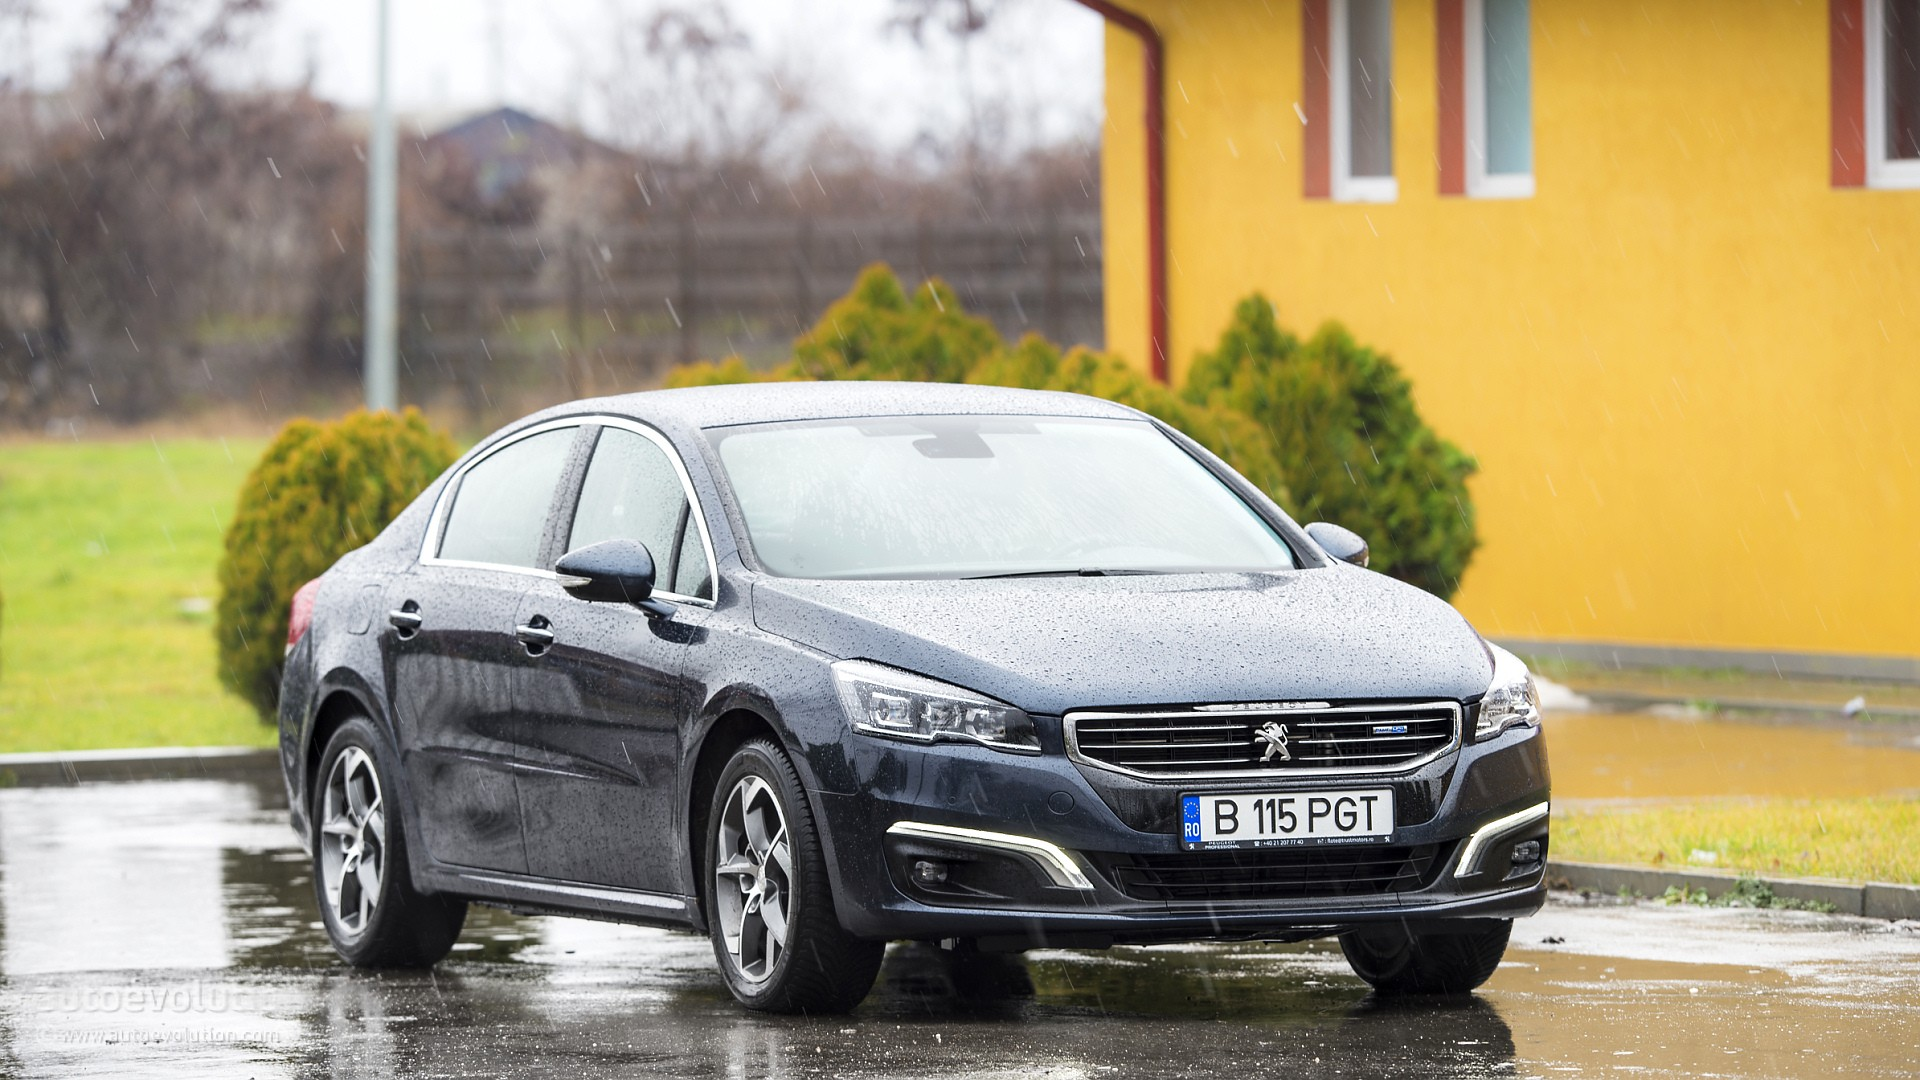 Exterior: 2015 Peugeot 508 Facelift